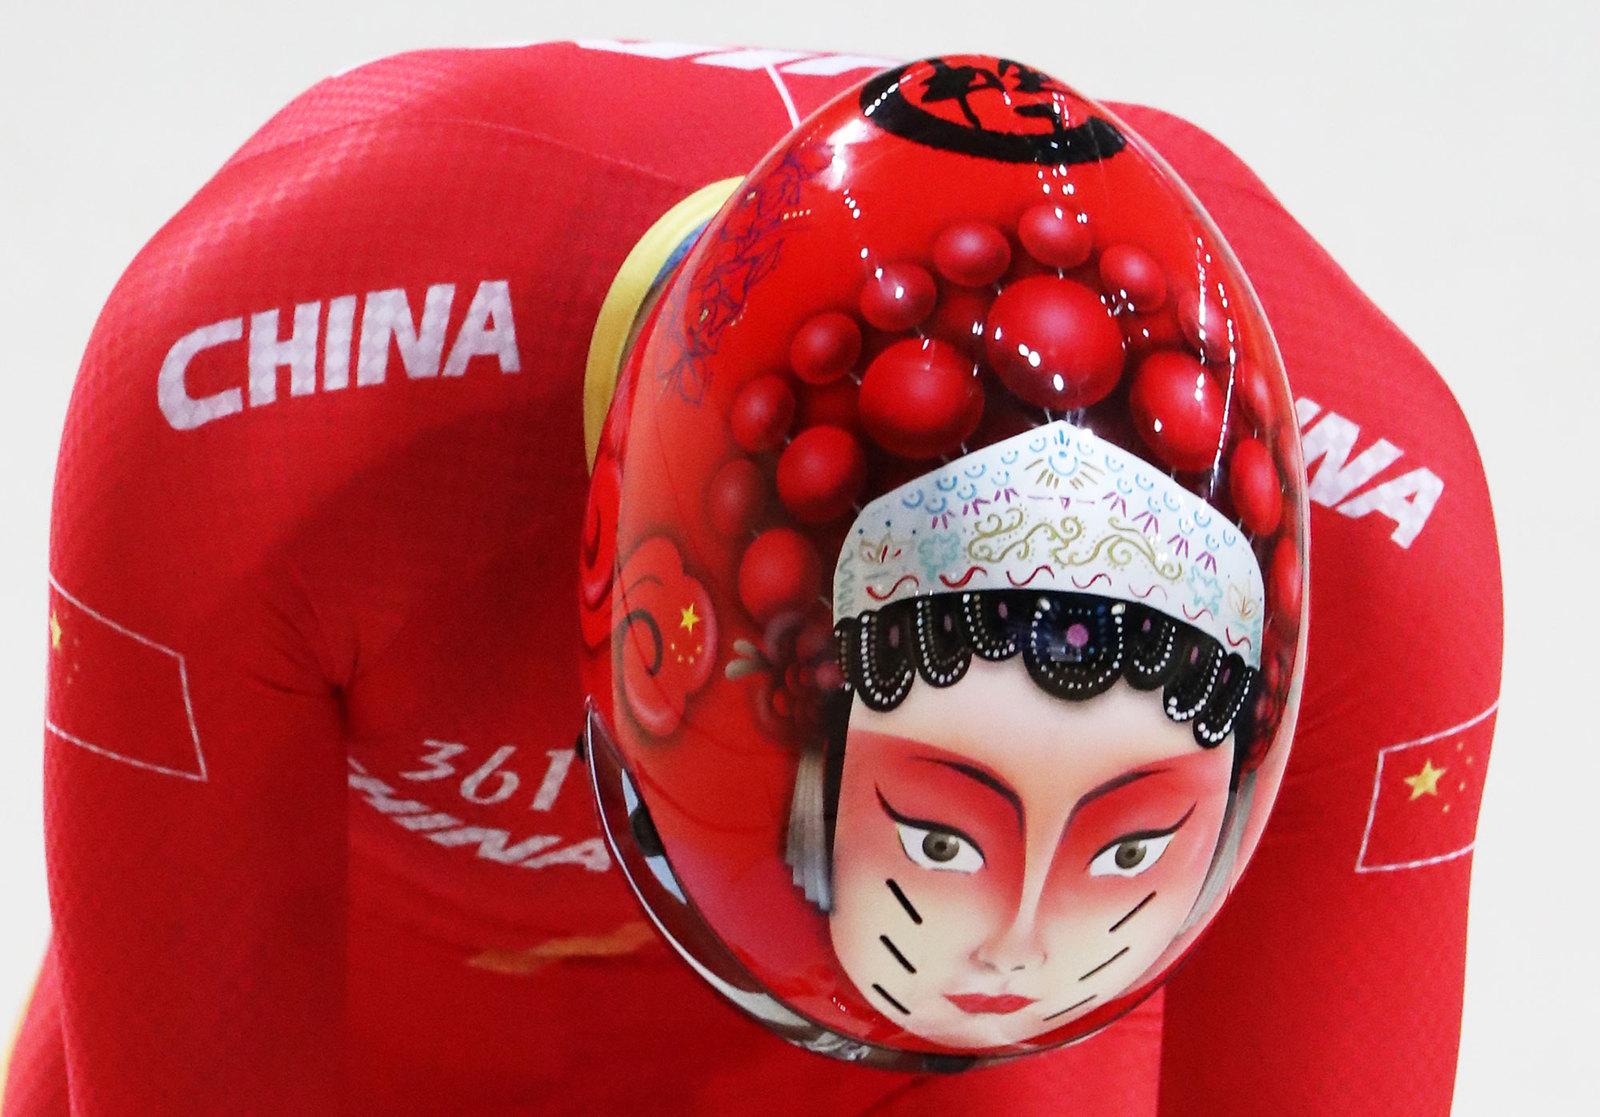 Шлем китайского велосипедиста, специализирующегося на треке